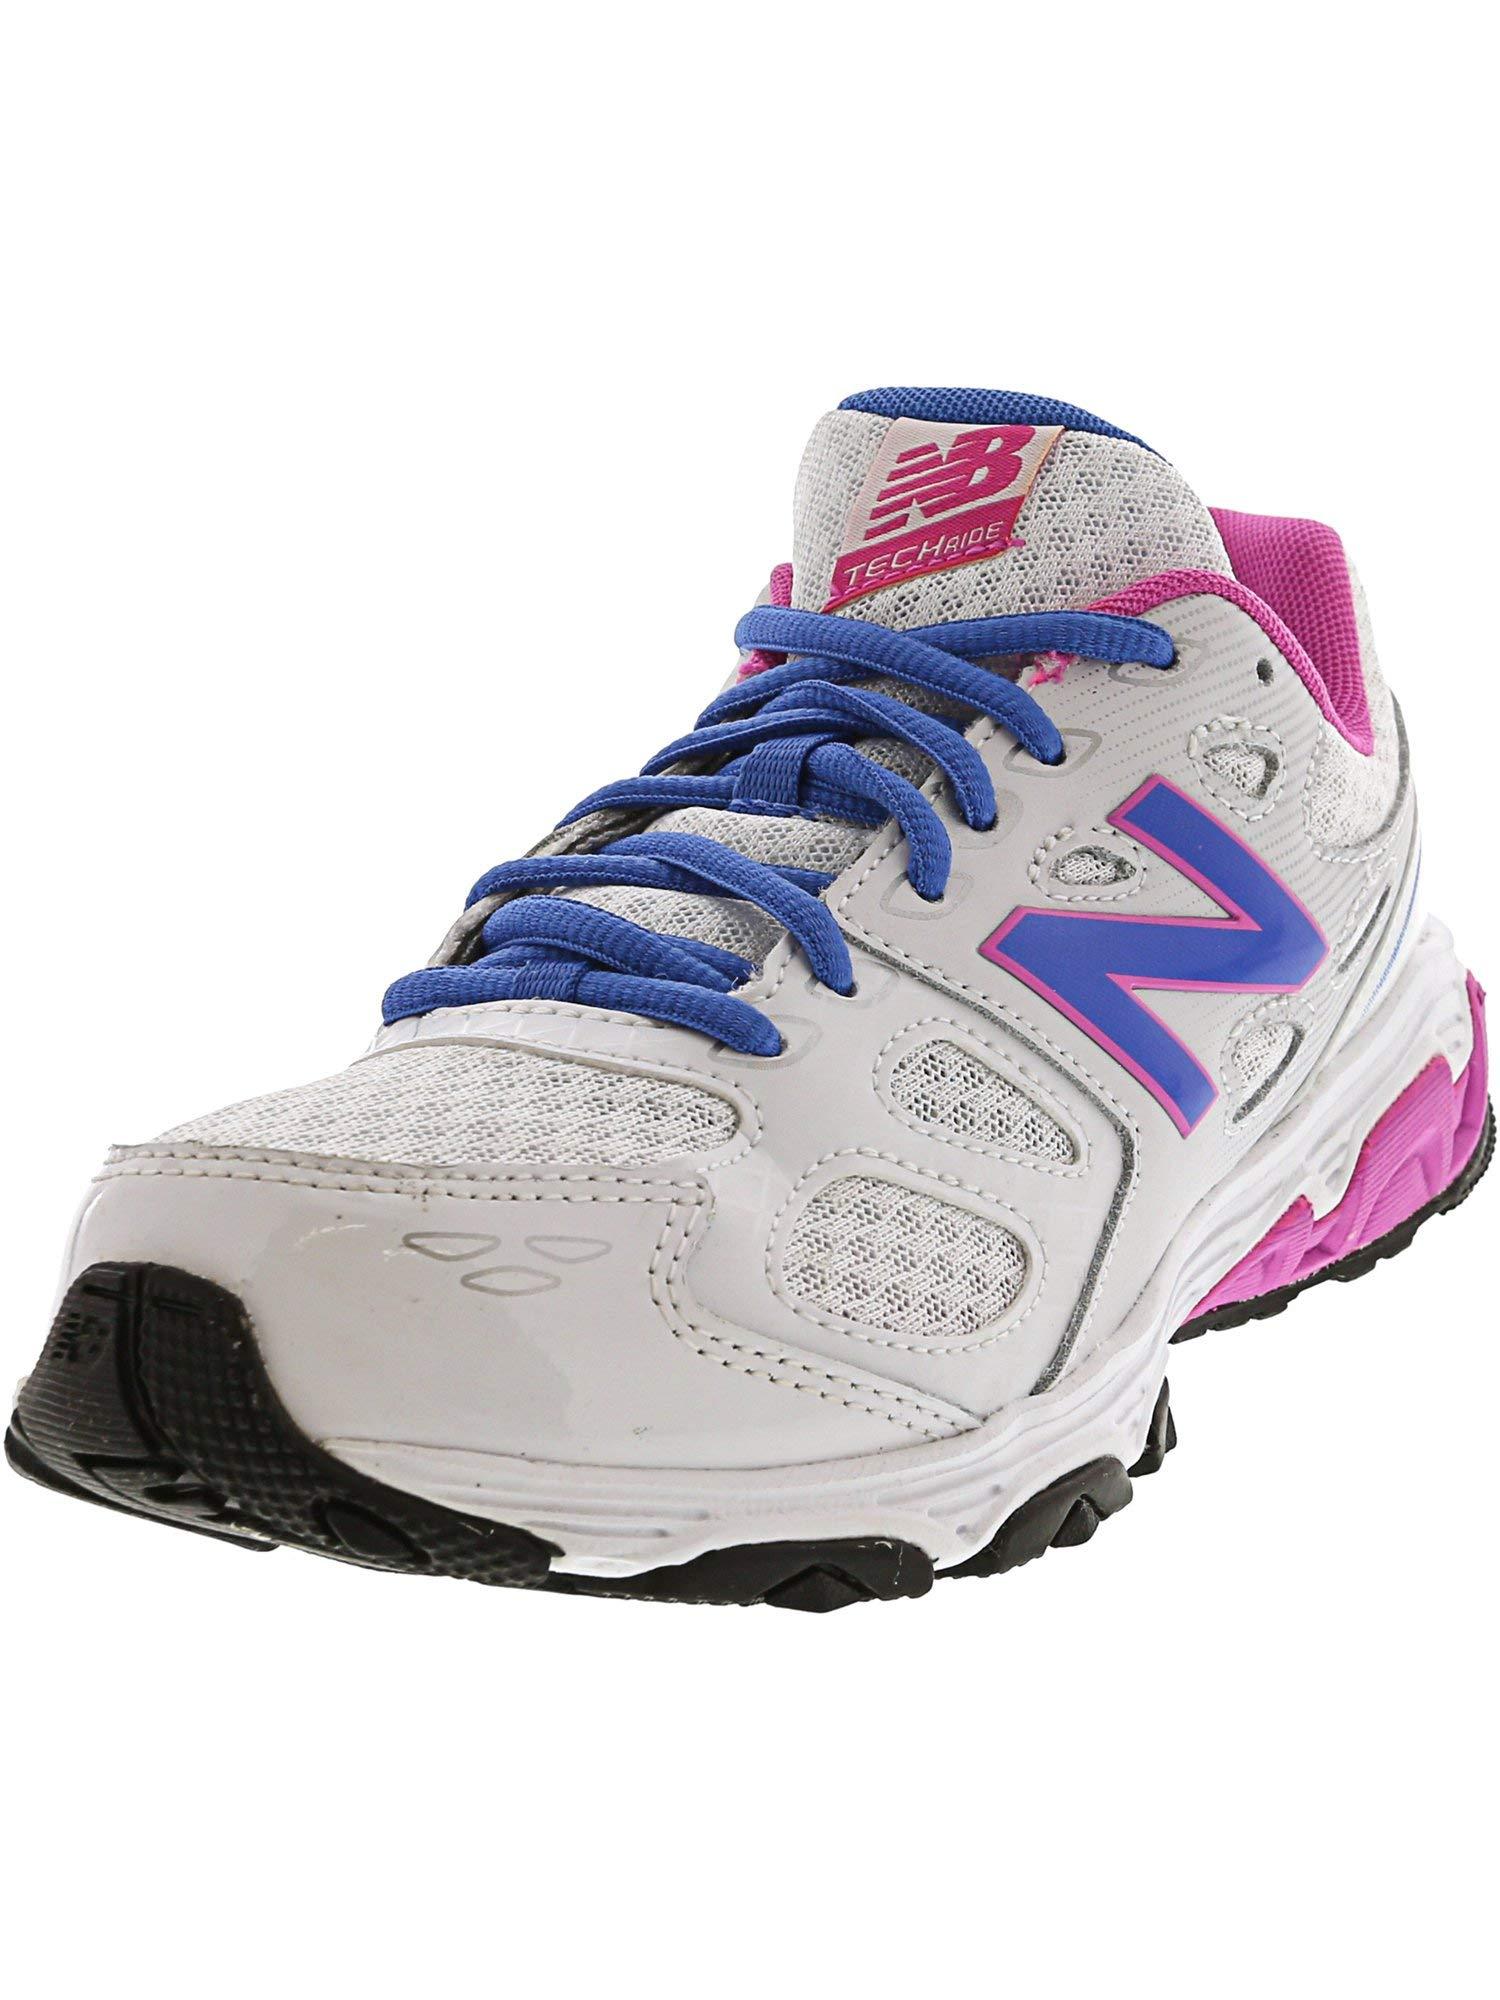 New Balance - Boys KR680V3Y Kids Shoes, Size: 4.5 M US Big Kid, Color: White/Blue